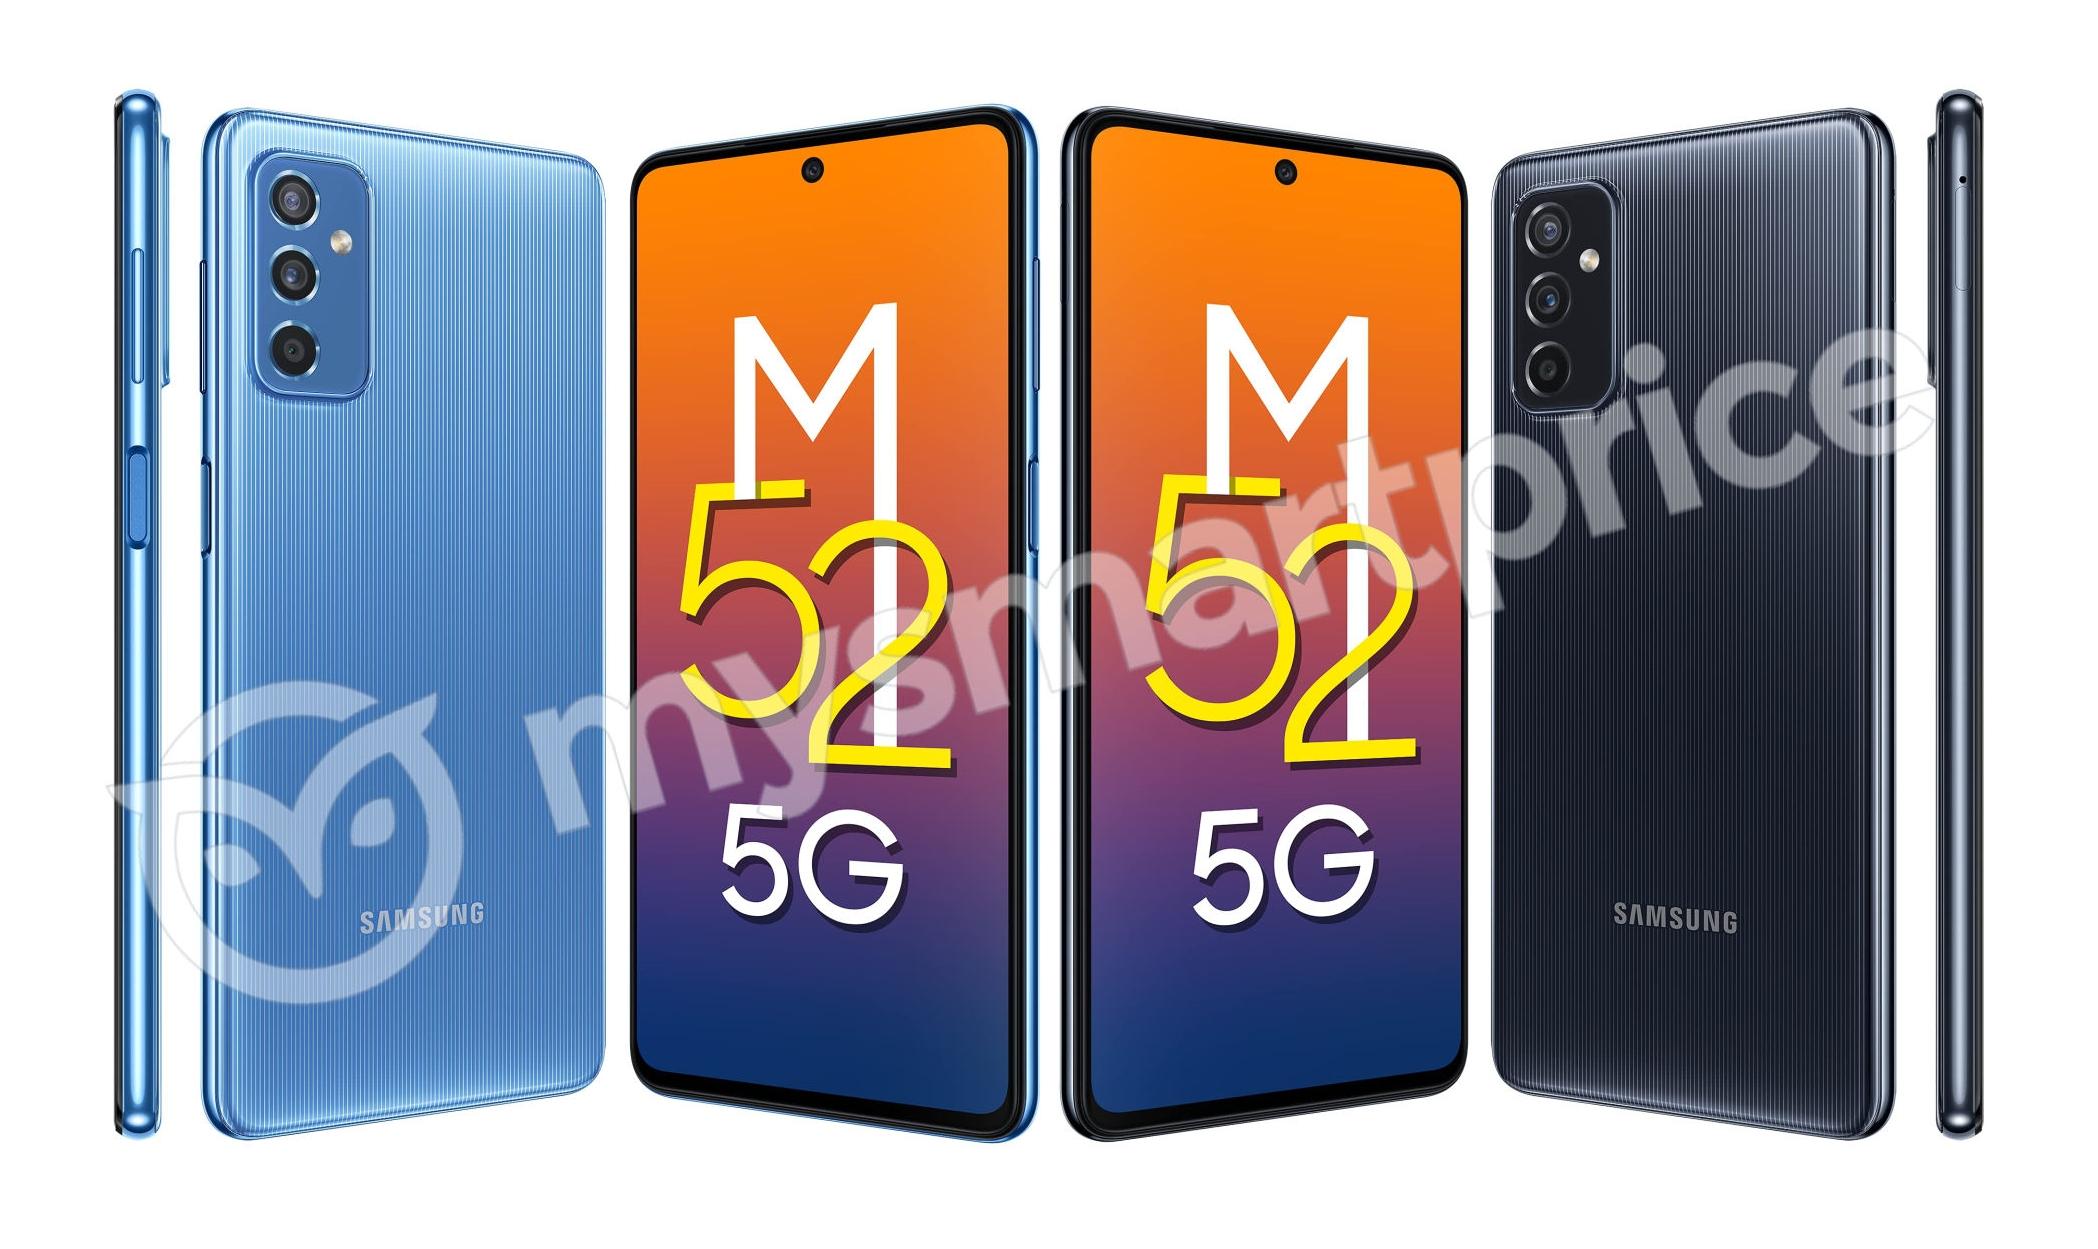 Инсайдер показал как будет выглядеть Samsung Galaxy M52 5G: смартфон с экраном на 120 Гц, тройной камерой и чипом Snapdragon 778G